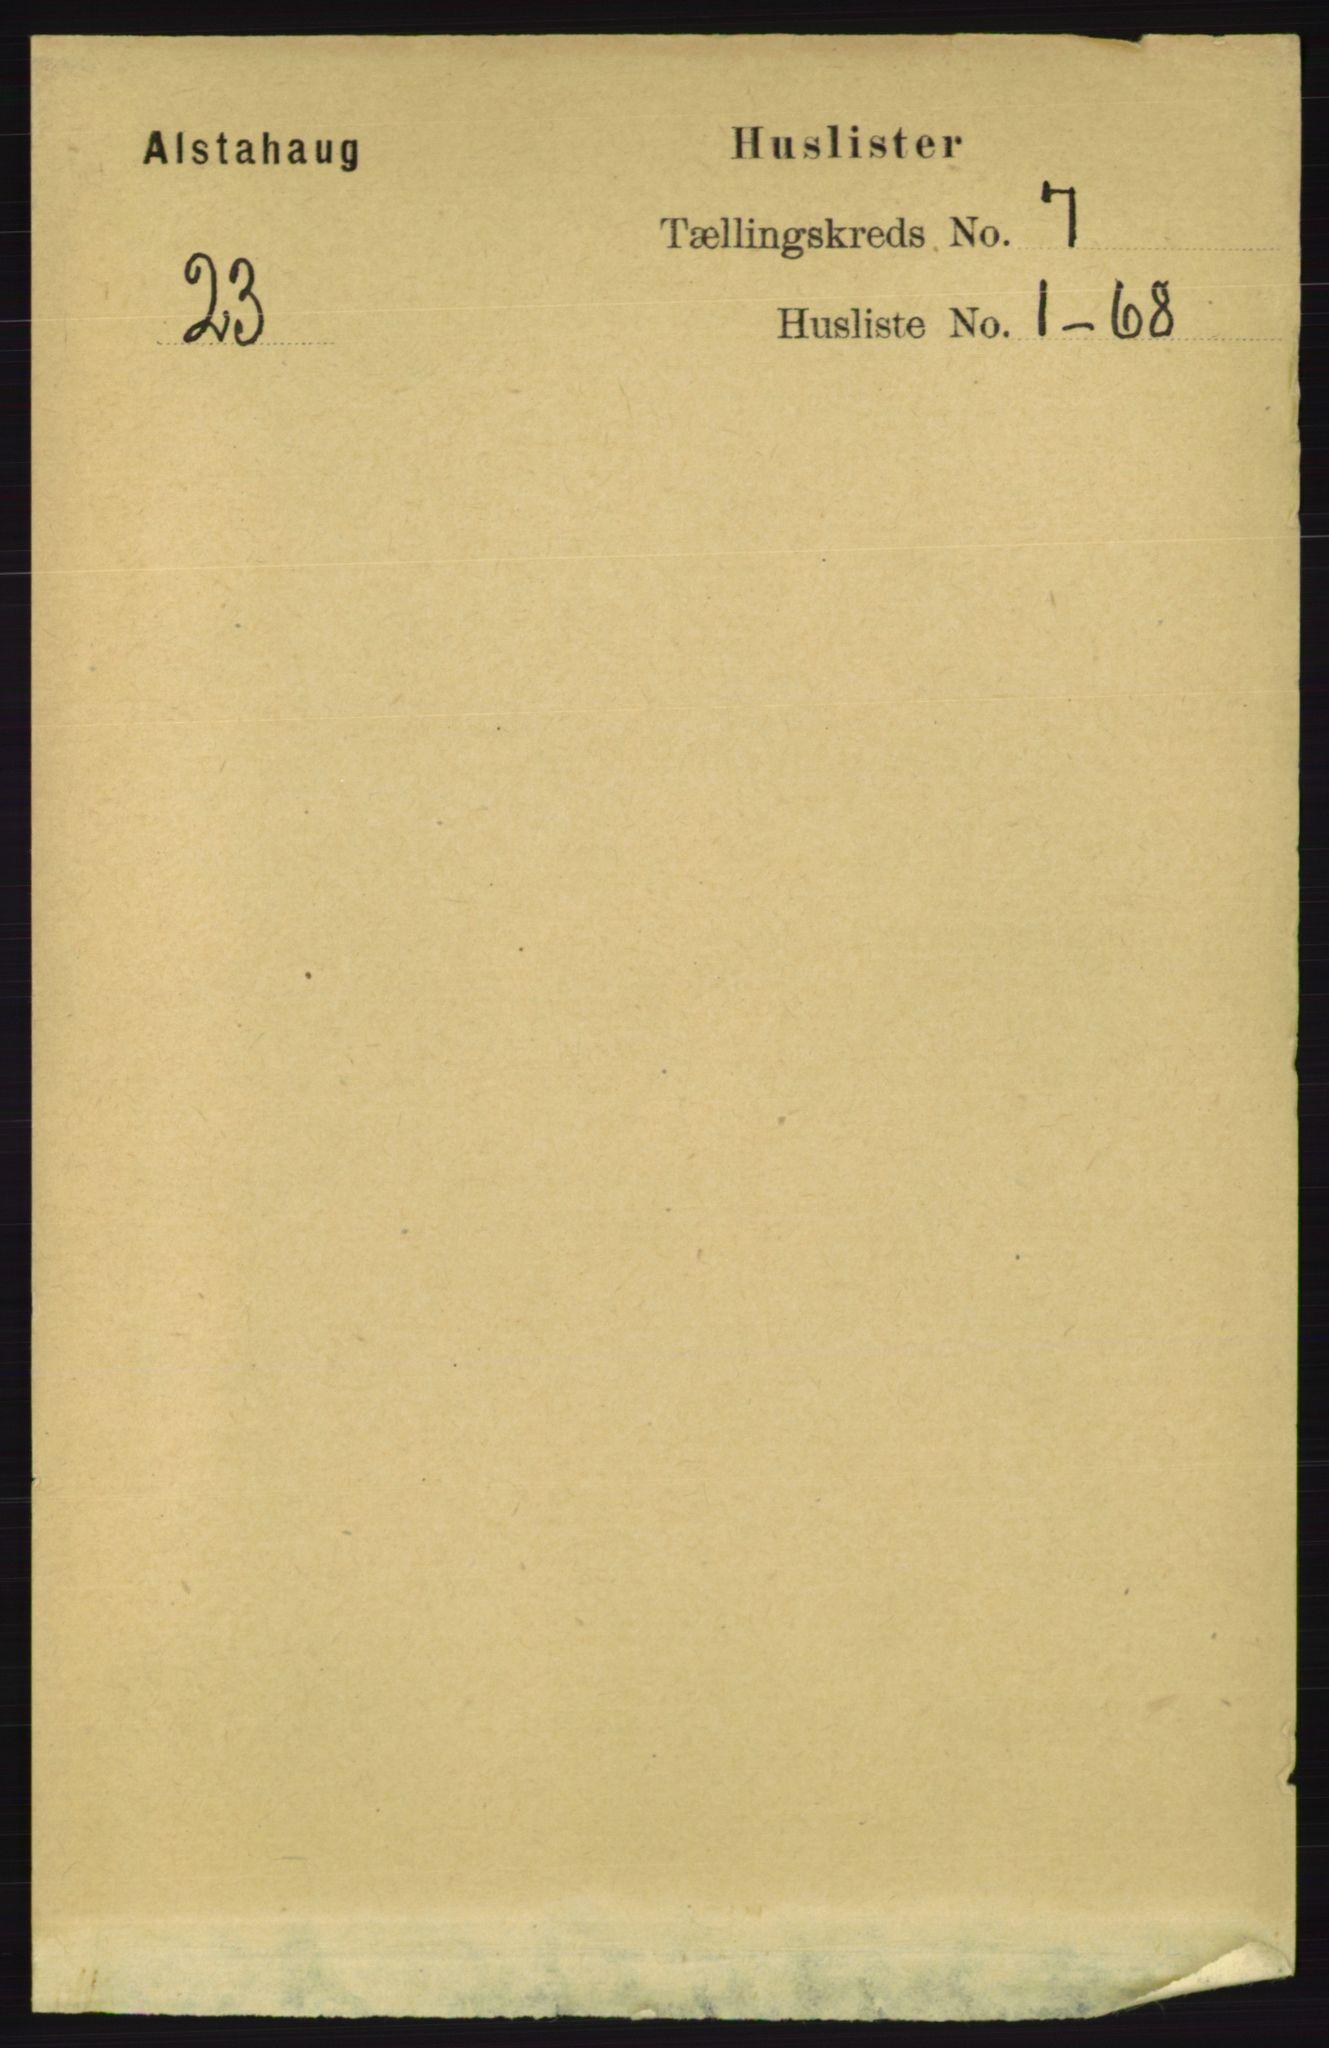 RA, Folketelling 1891 for 1820 Alstahaug herred, 1891, s. 2405